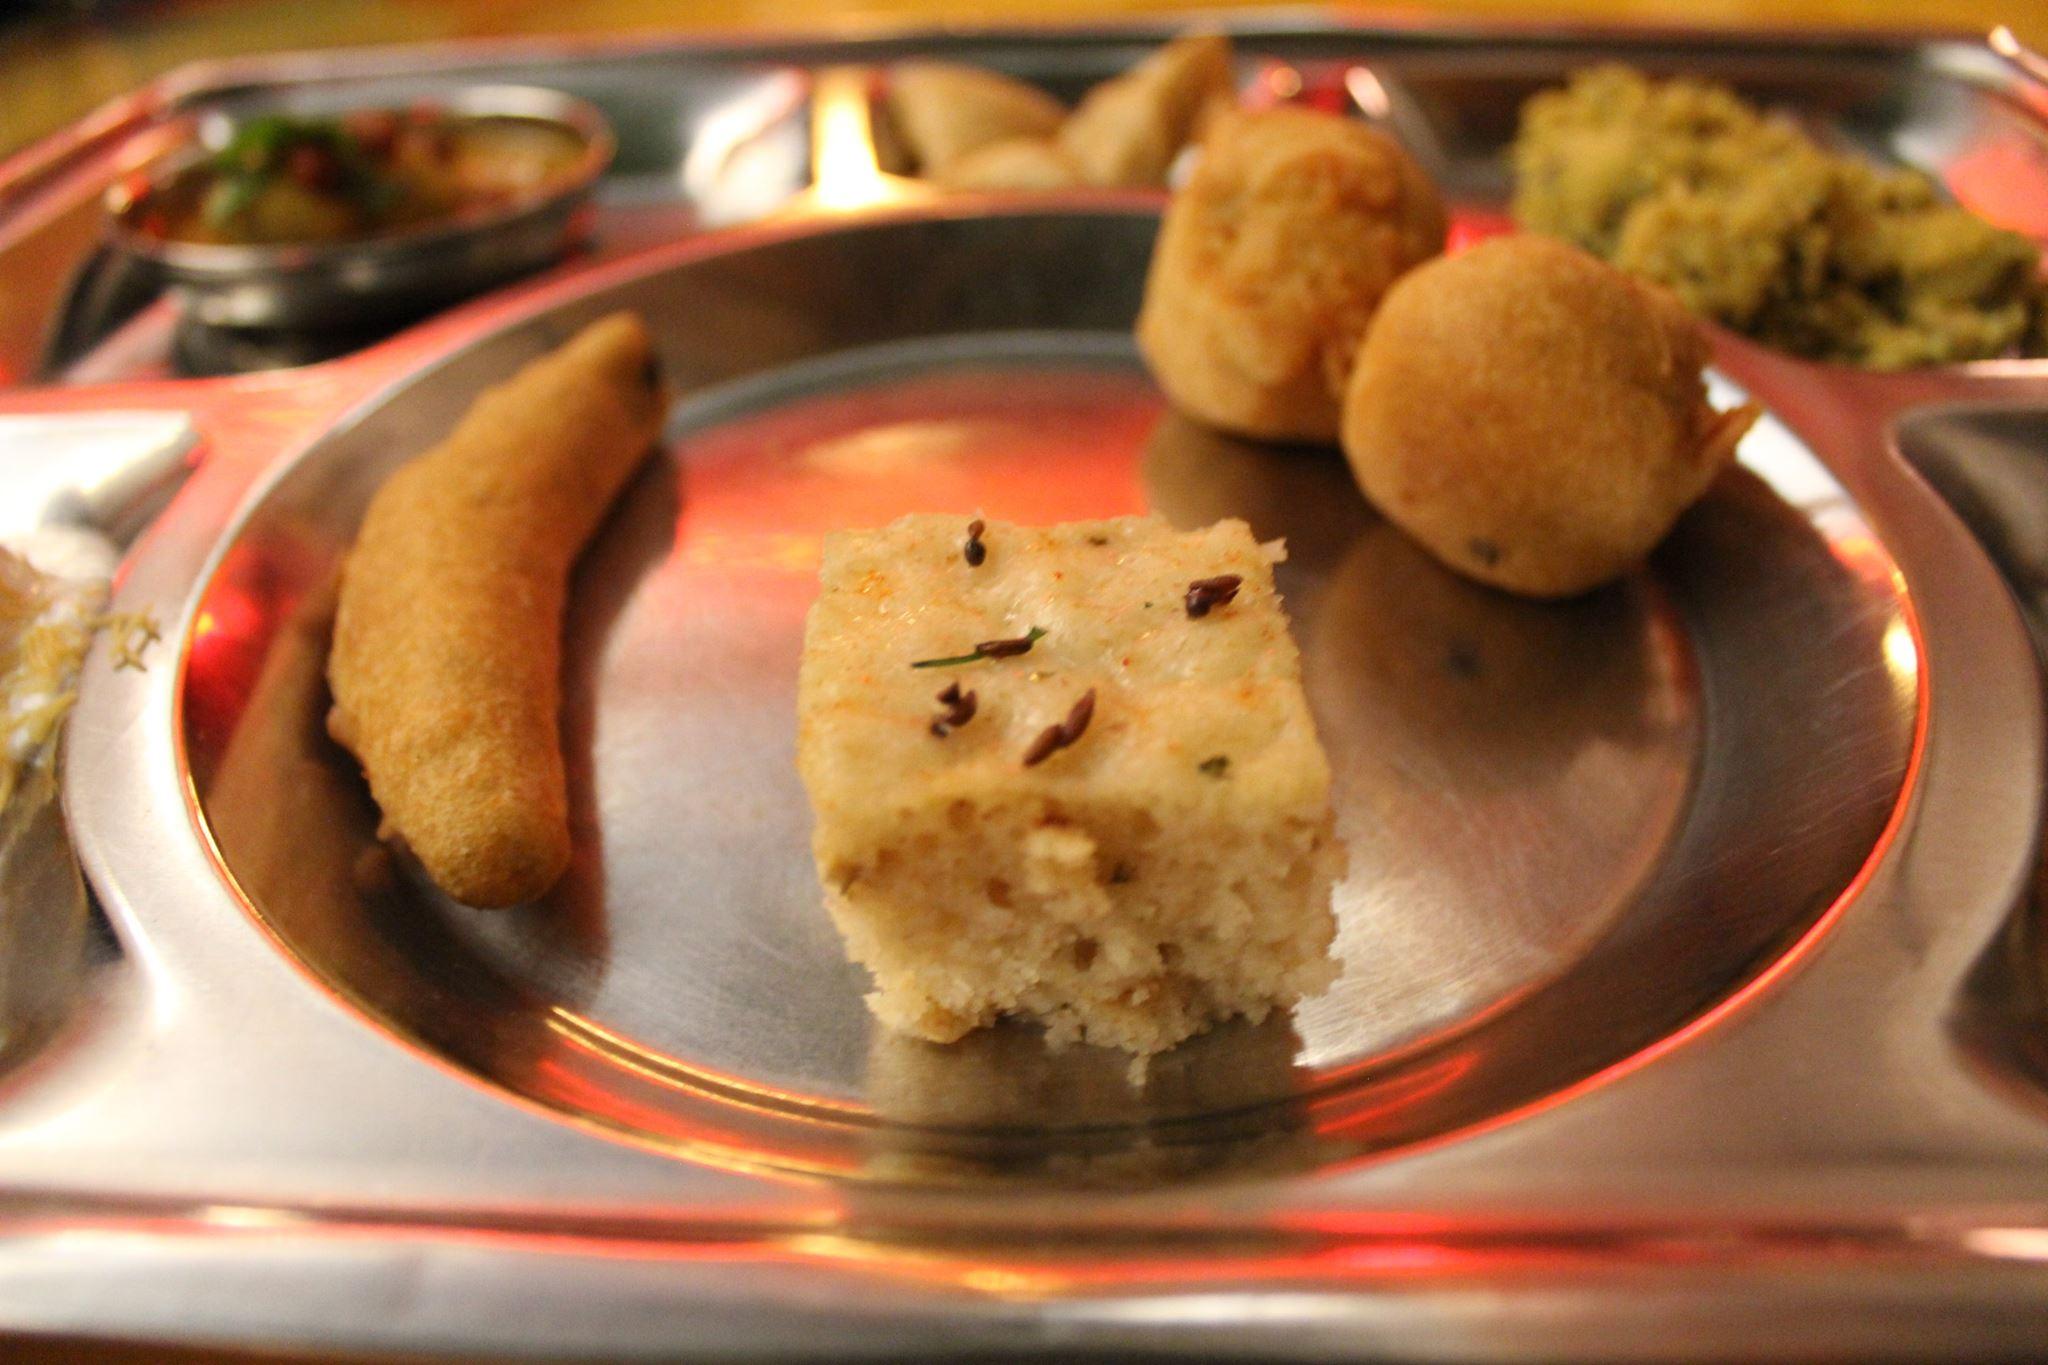 Vatan מסעדה כשרה הודית צמחונית